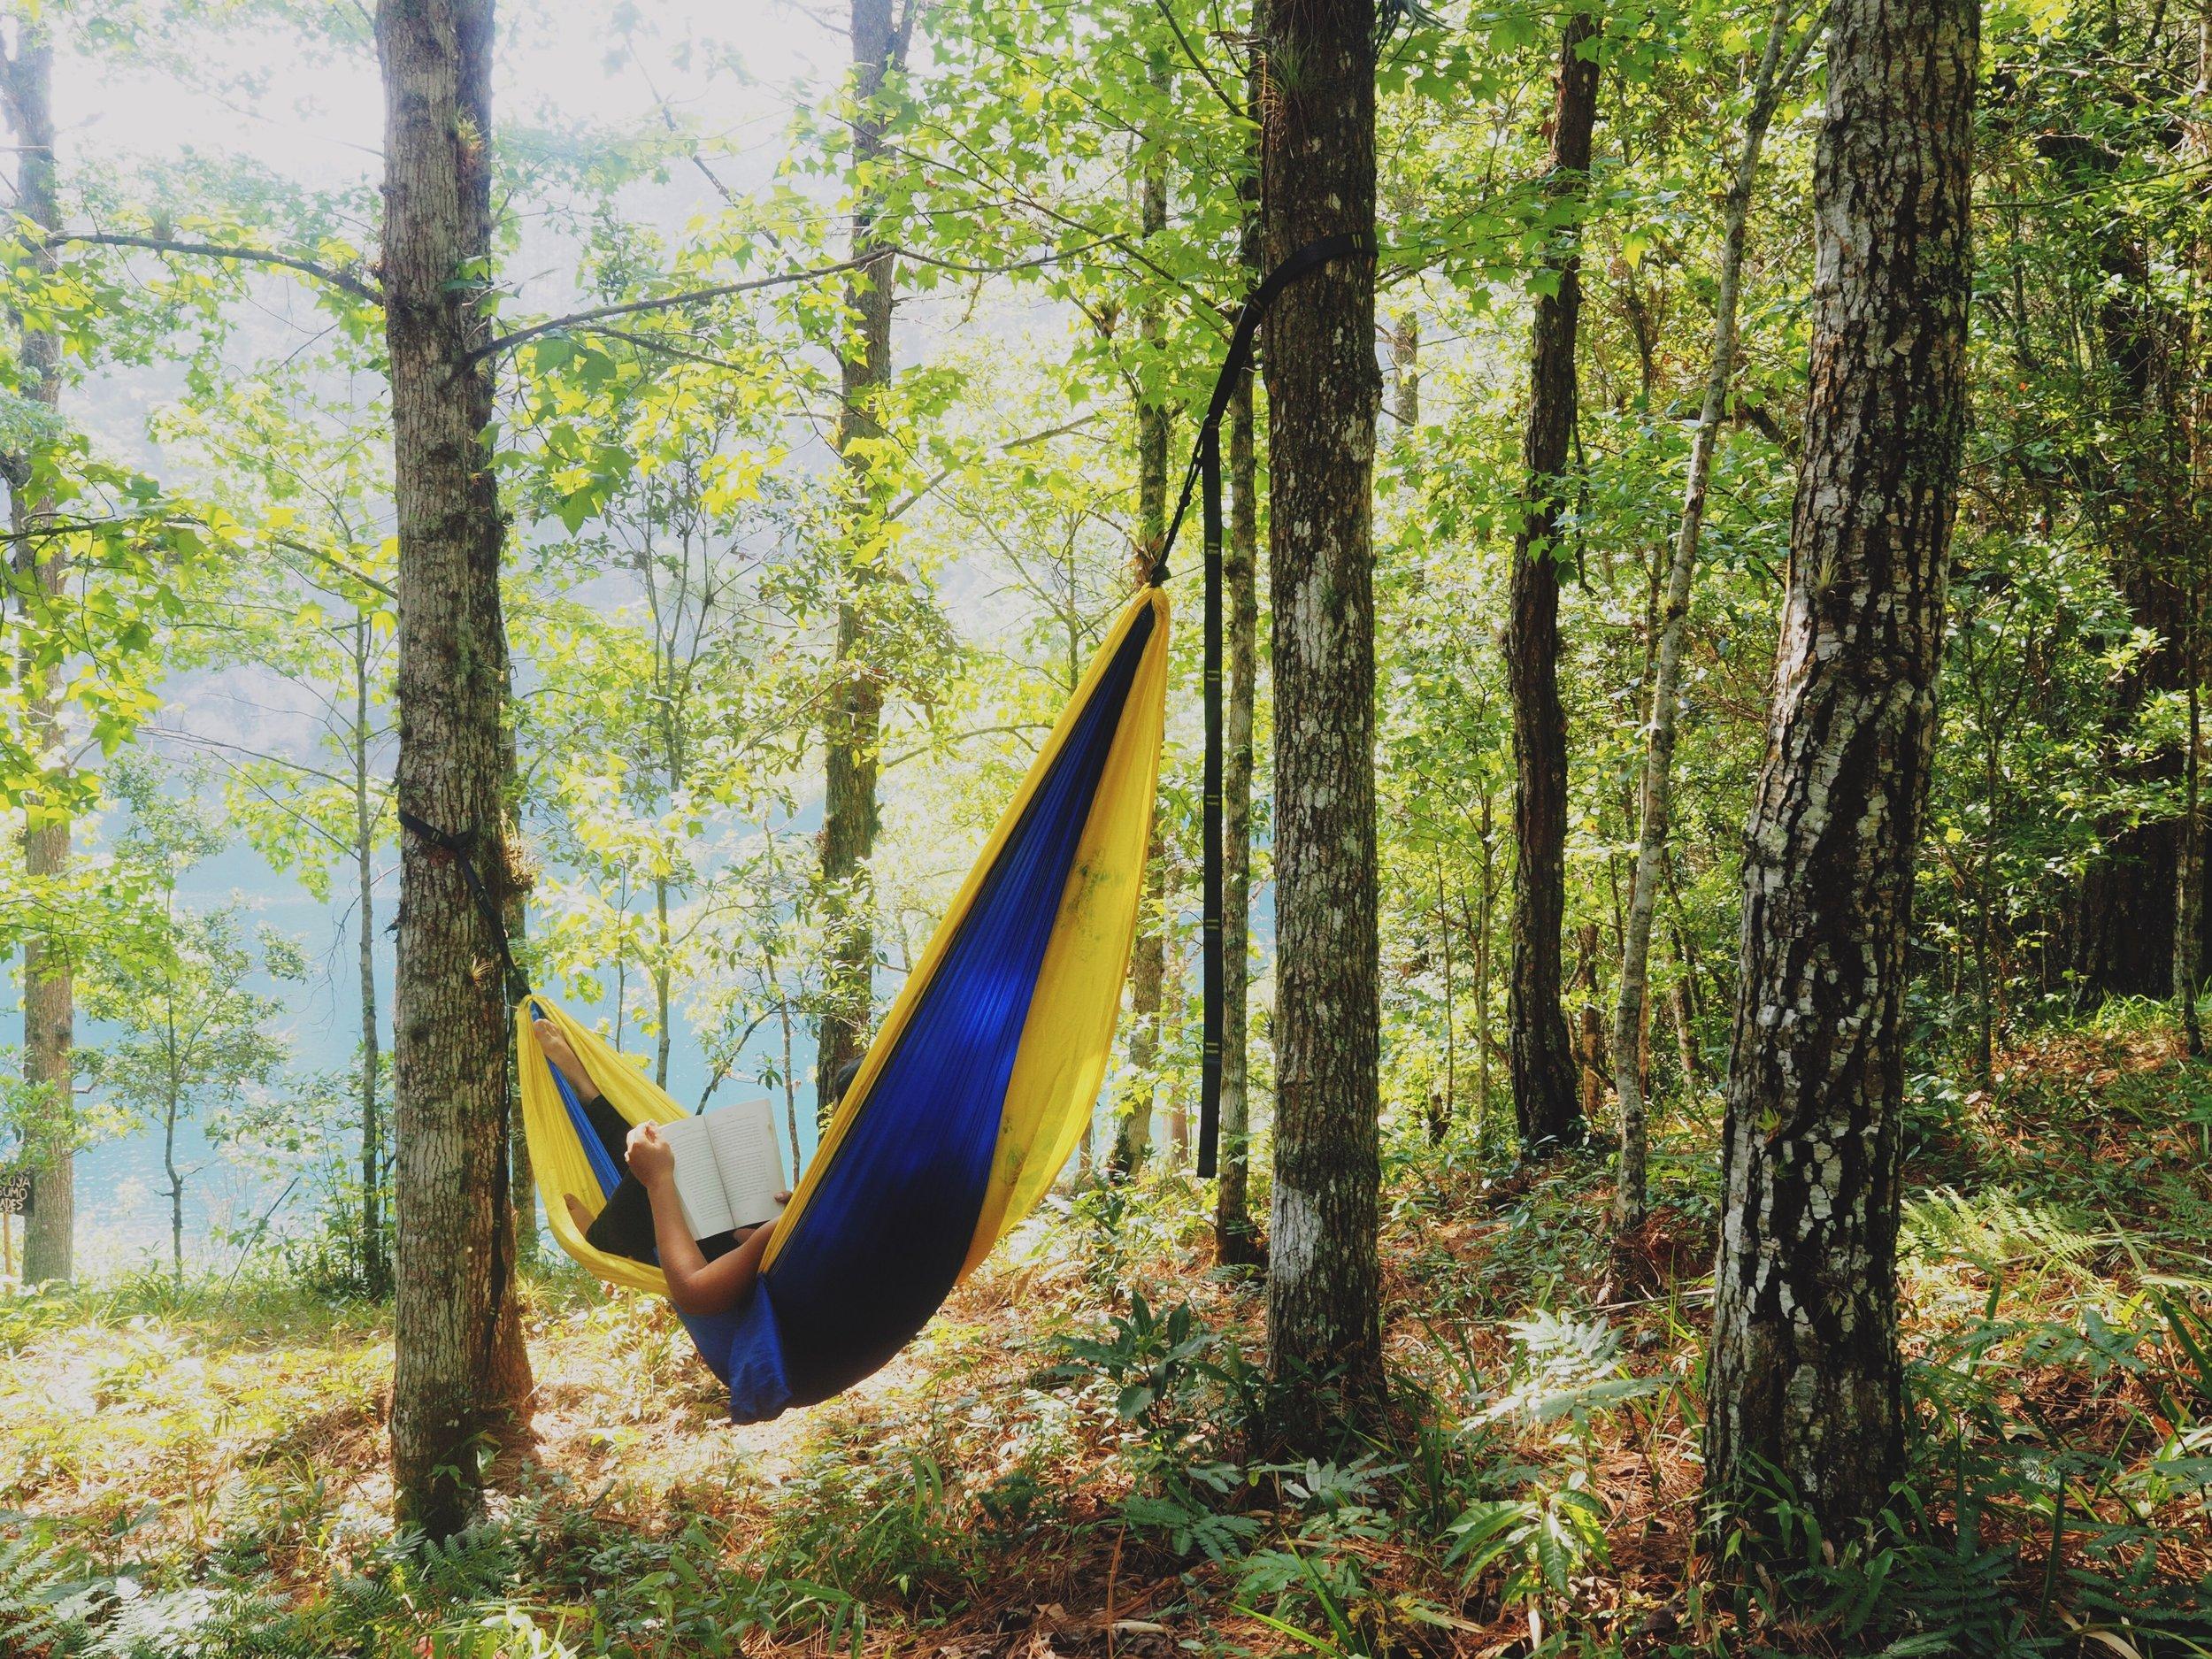 Enjoying a day off in our Serac hammock